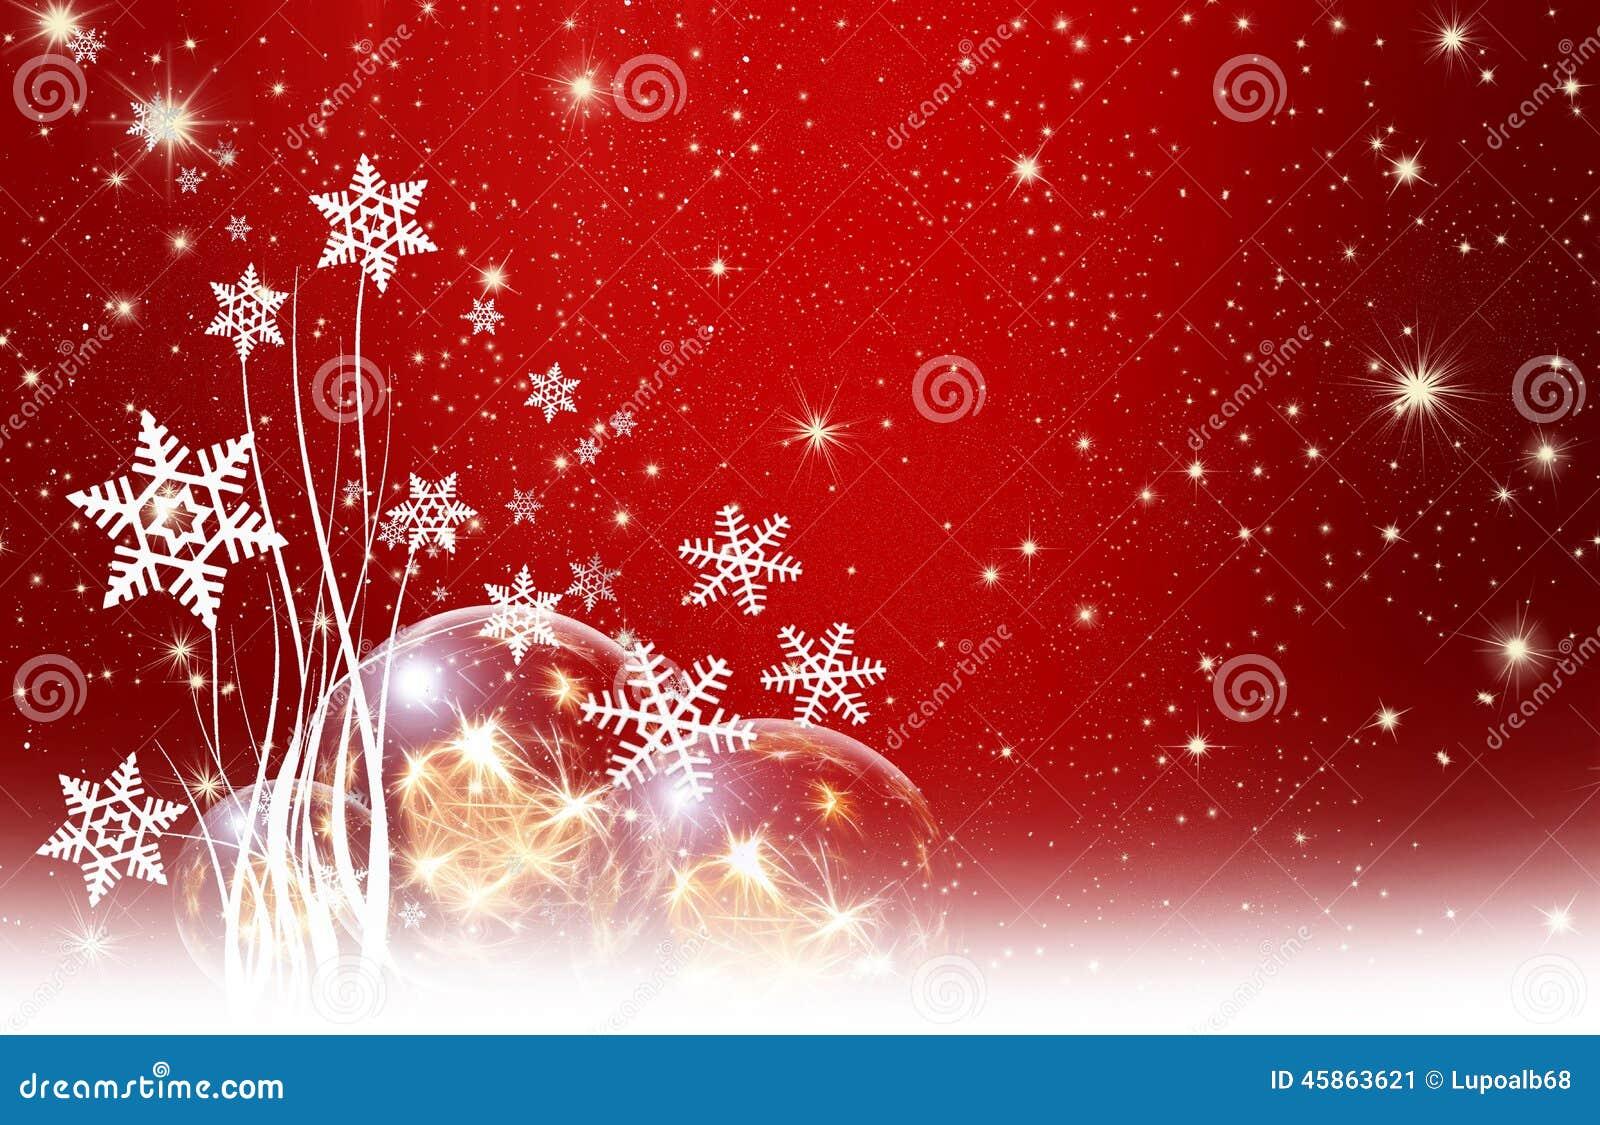 Weihnachtswünsche, Sterne, Hintergrund